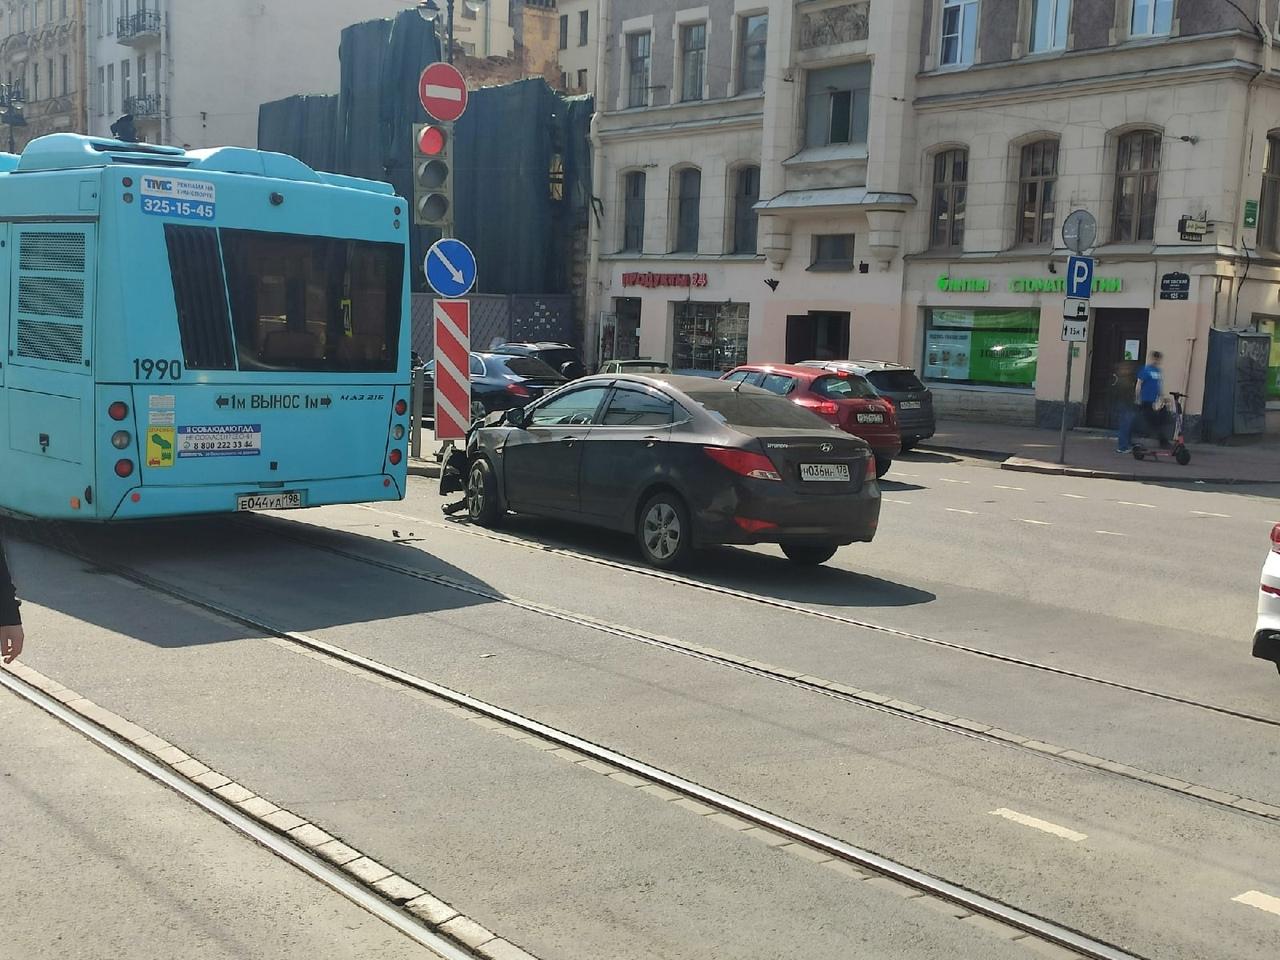 Общественный транспорт скопился на Лиговском проспекте из-за аварии.